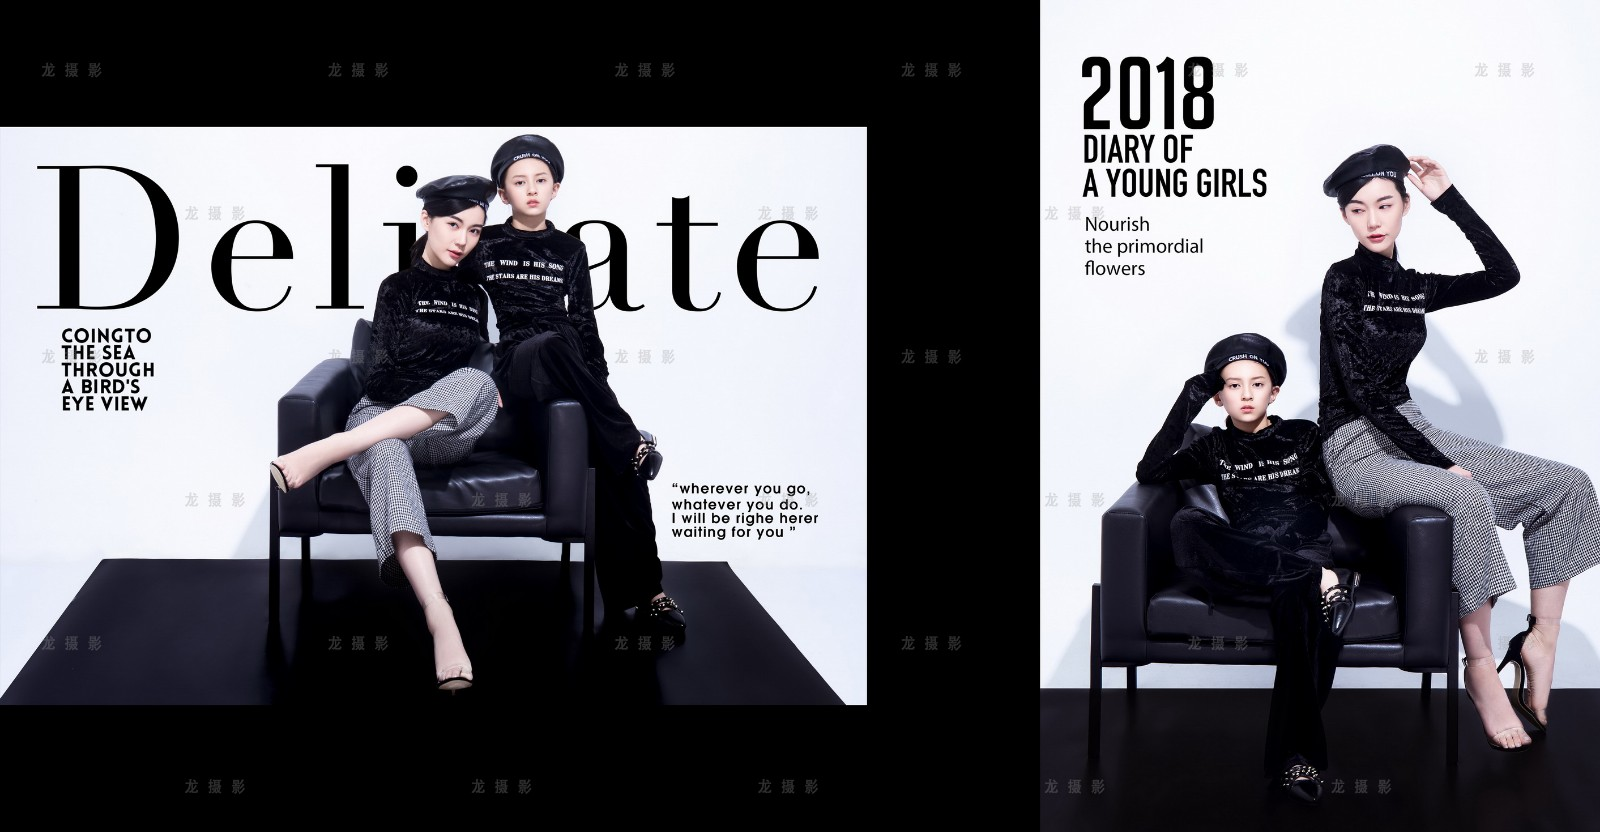 style|极简-朝阳尊爵龙摄影有限公司